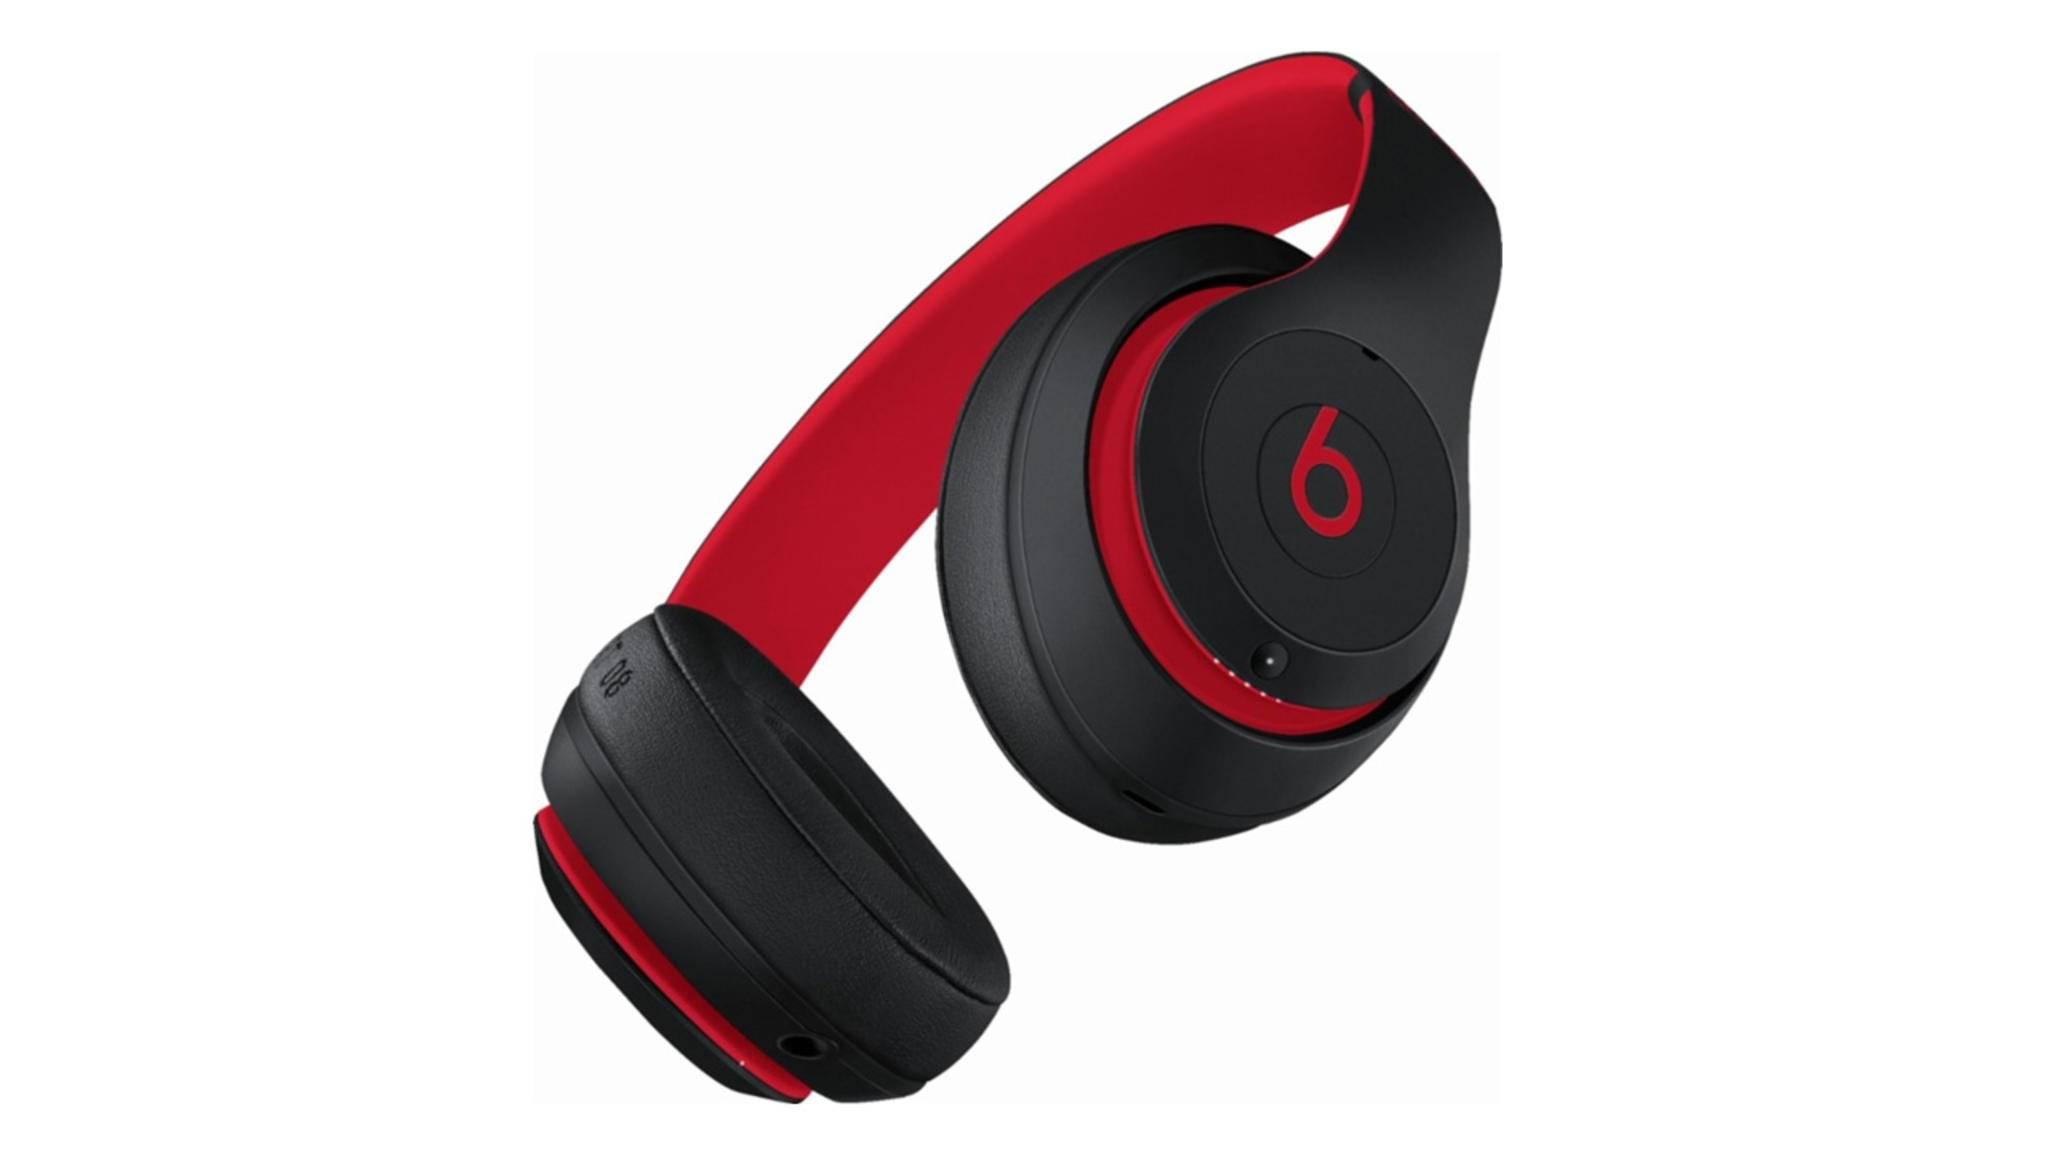 Die Beats Studio 3 Wireless erscheinen zum 10-jährigen Beats-Jubiläum in Schwarz-Rot.